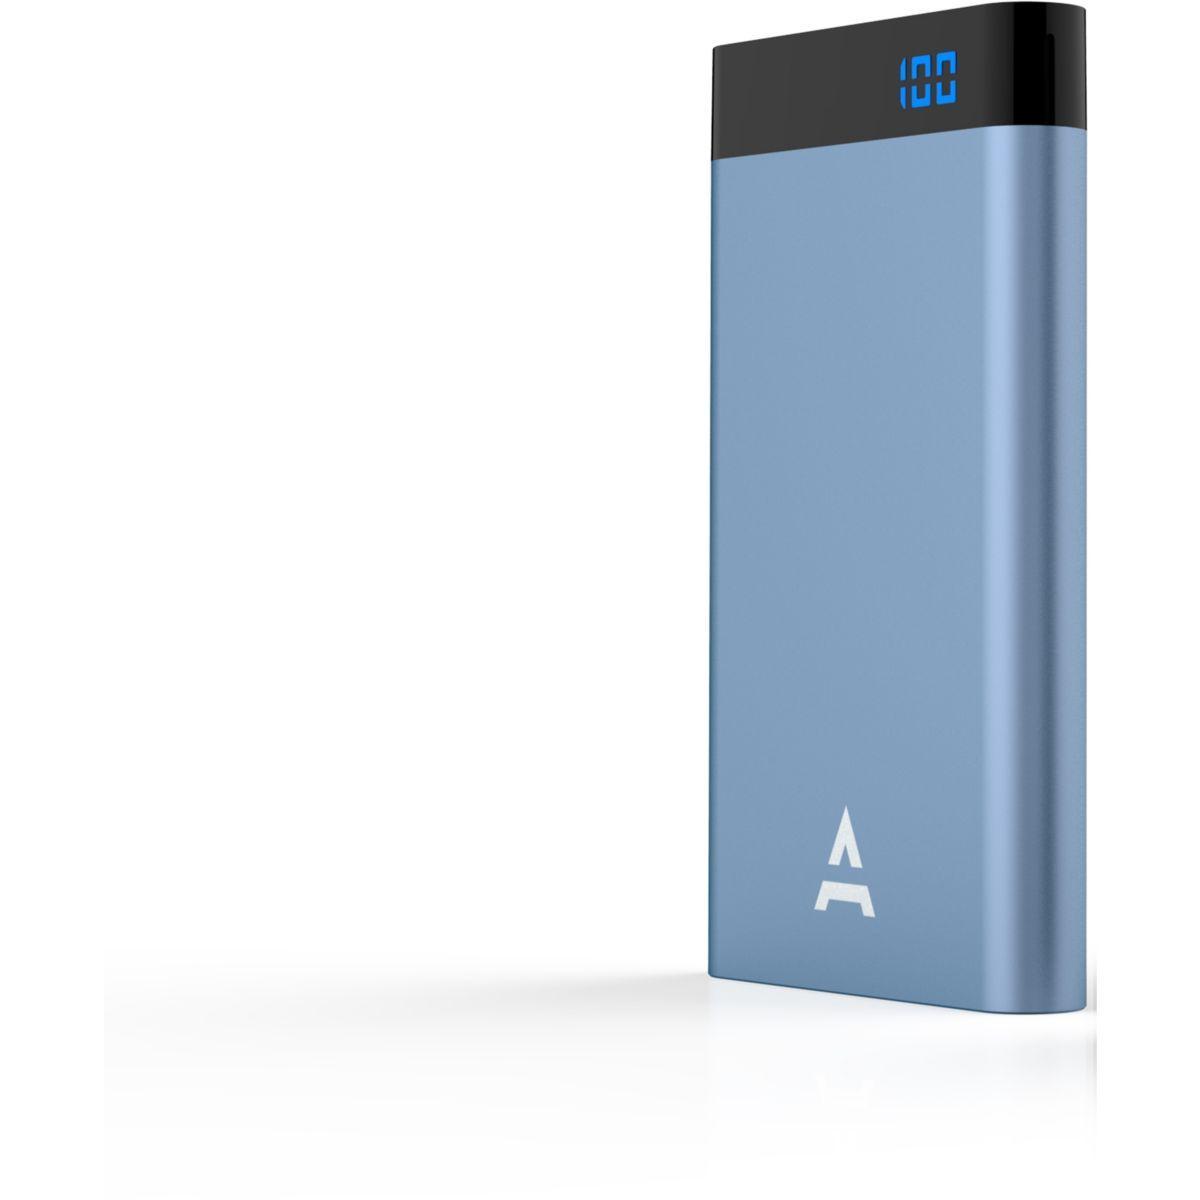 Batterie externe adeqwat 8000 mah bleu - livraison offerte : code liv (photo)